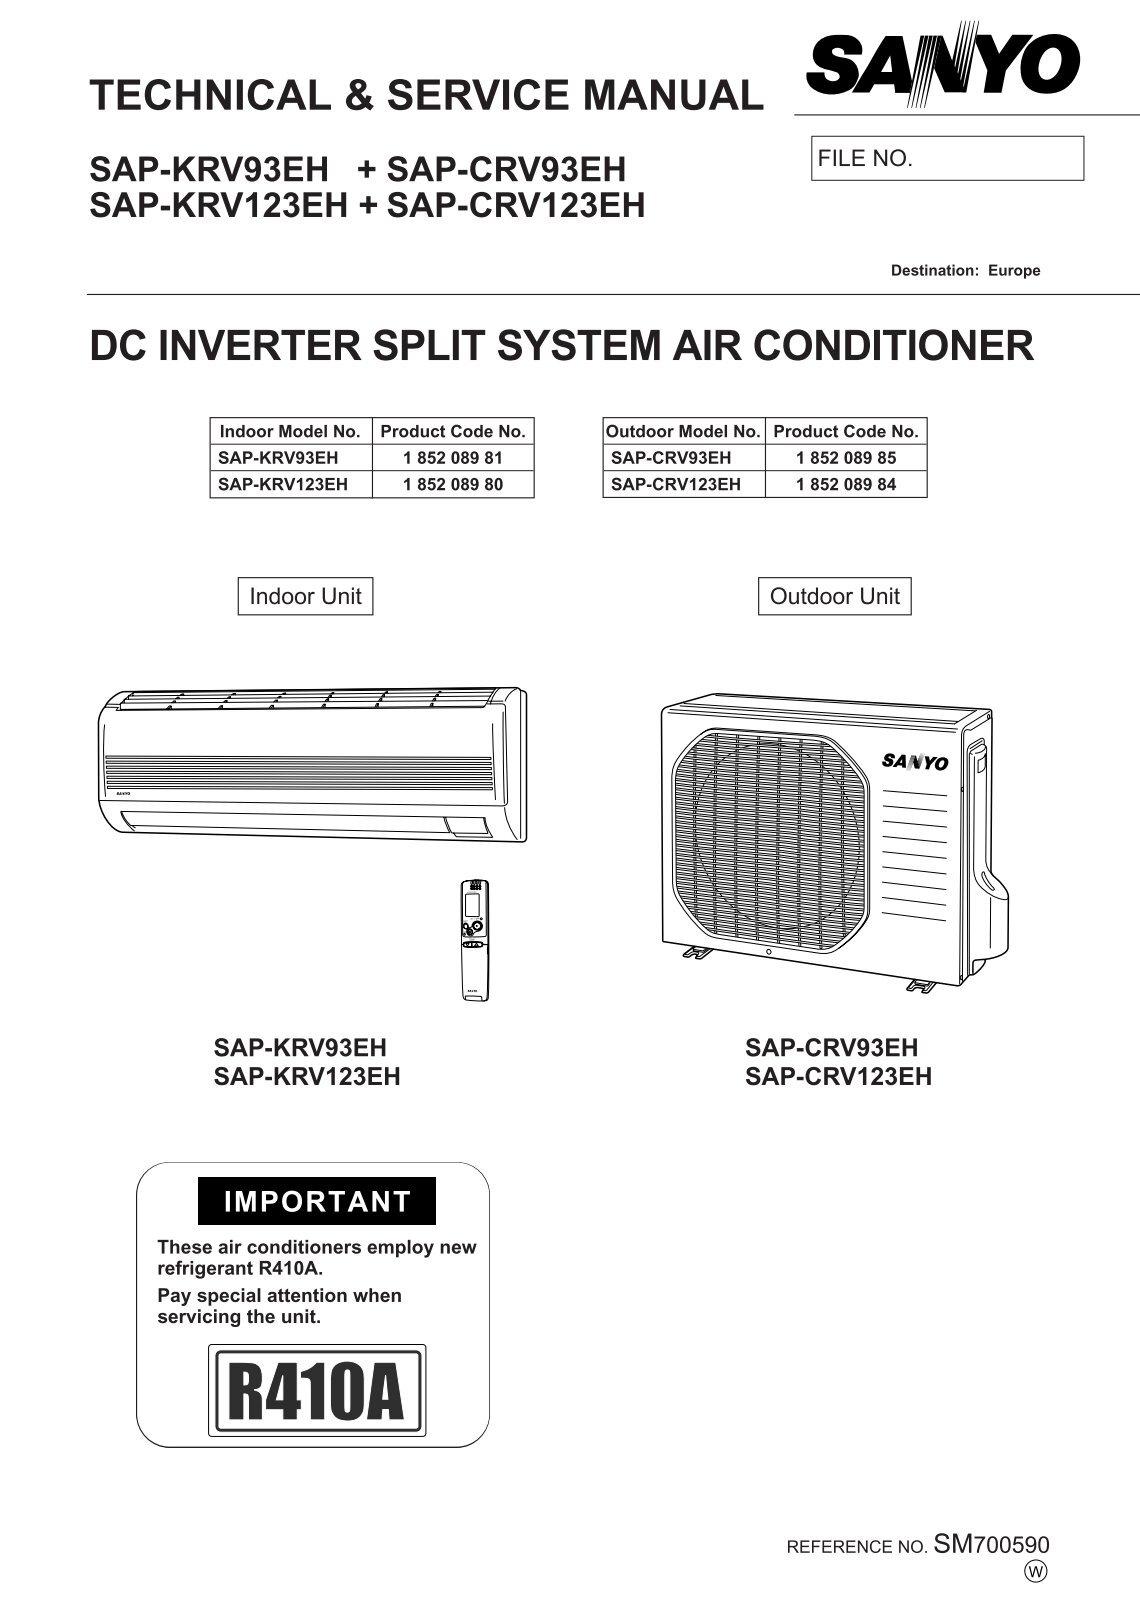 hitachi dc inverter air conditioner user manual